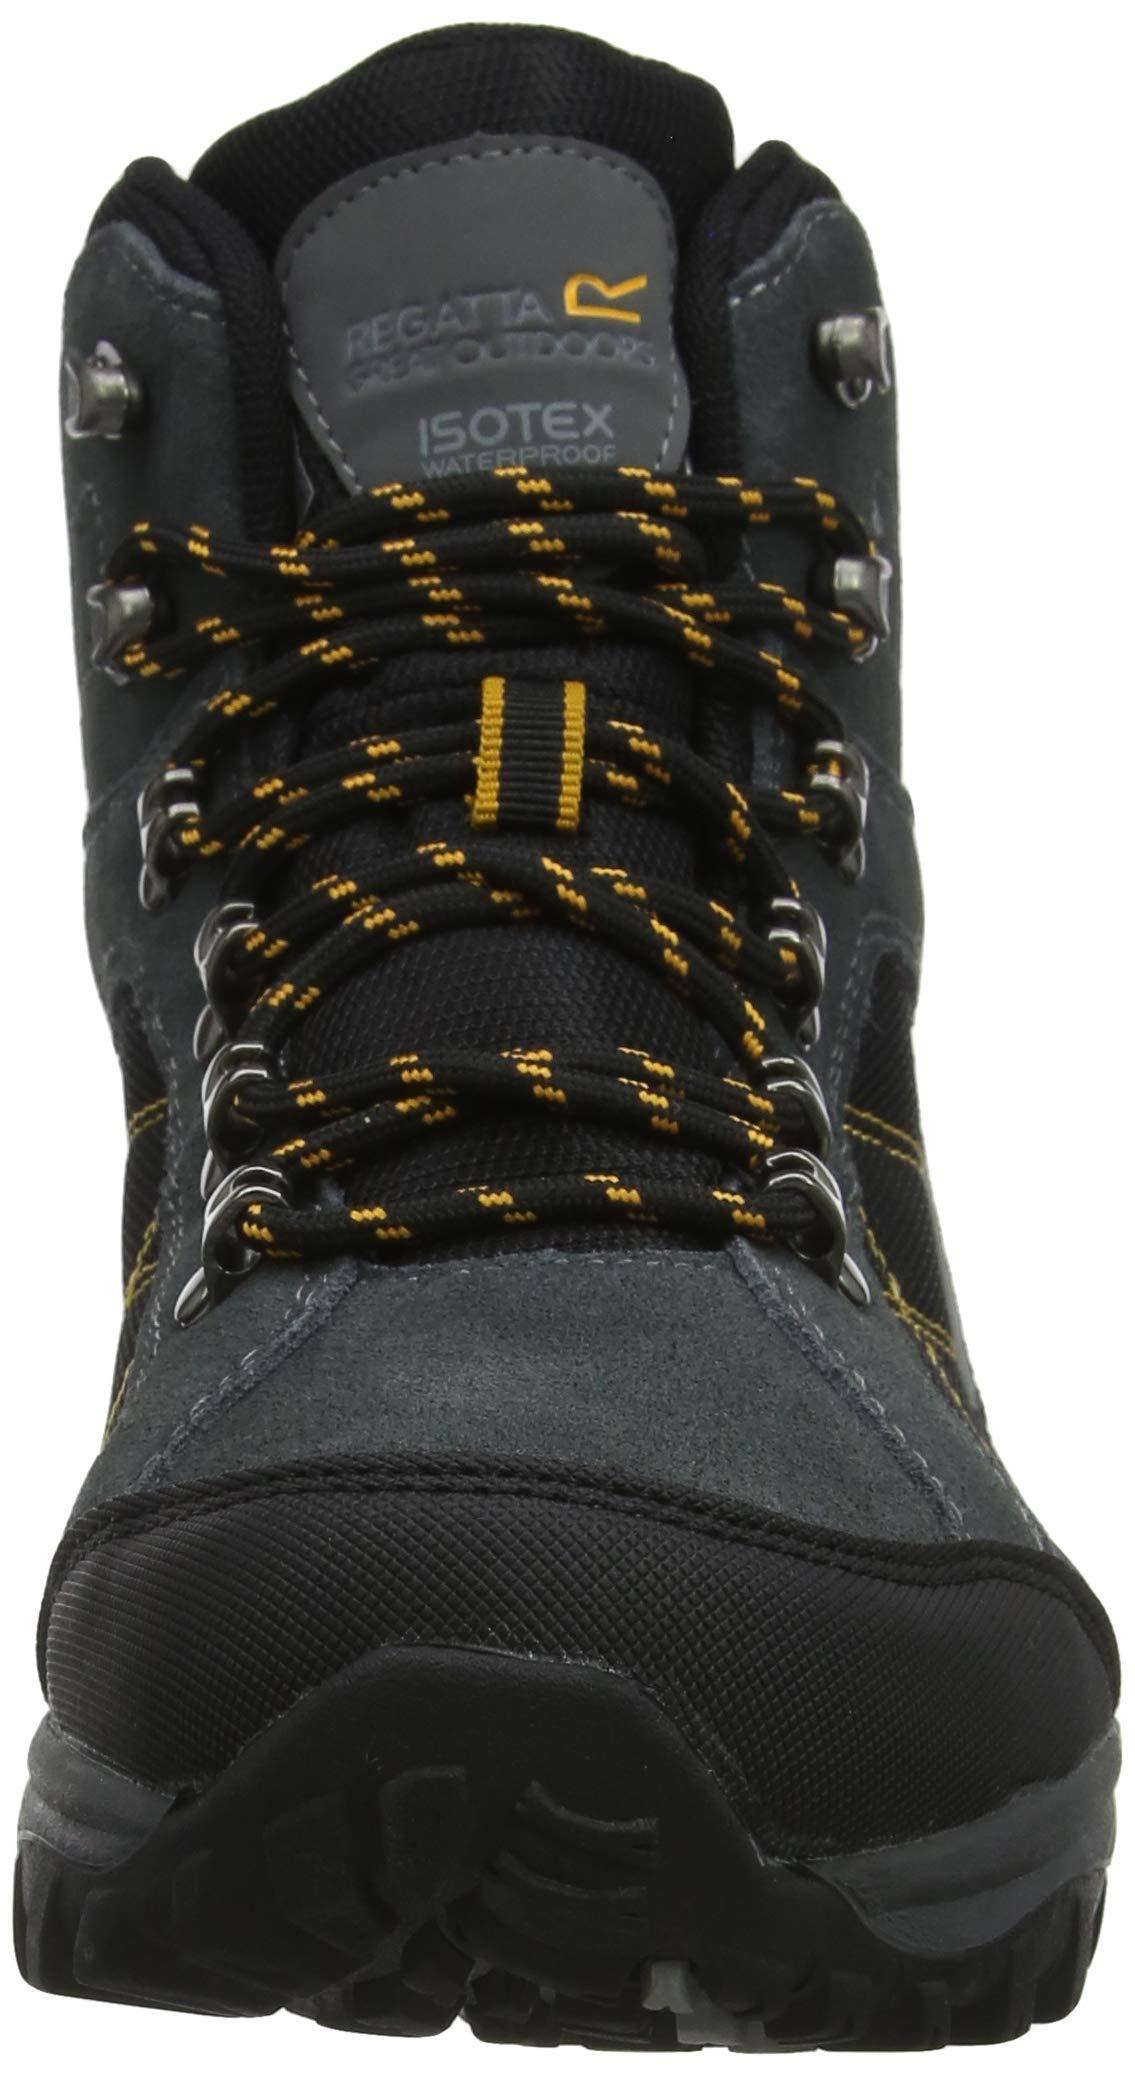 Regatta Clydebank, Men's High Rise Hiking Boots 4